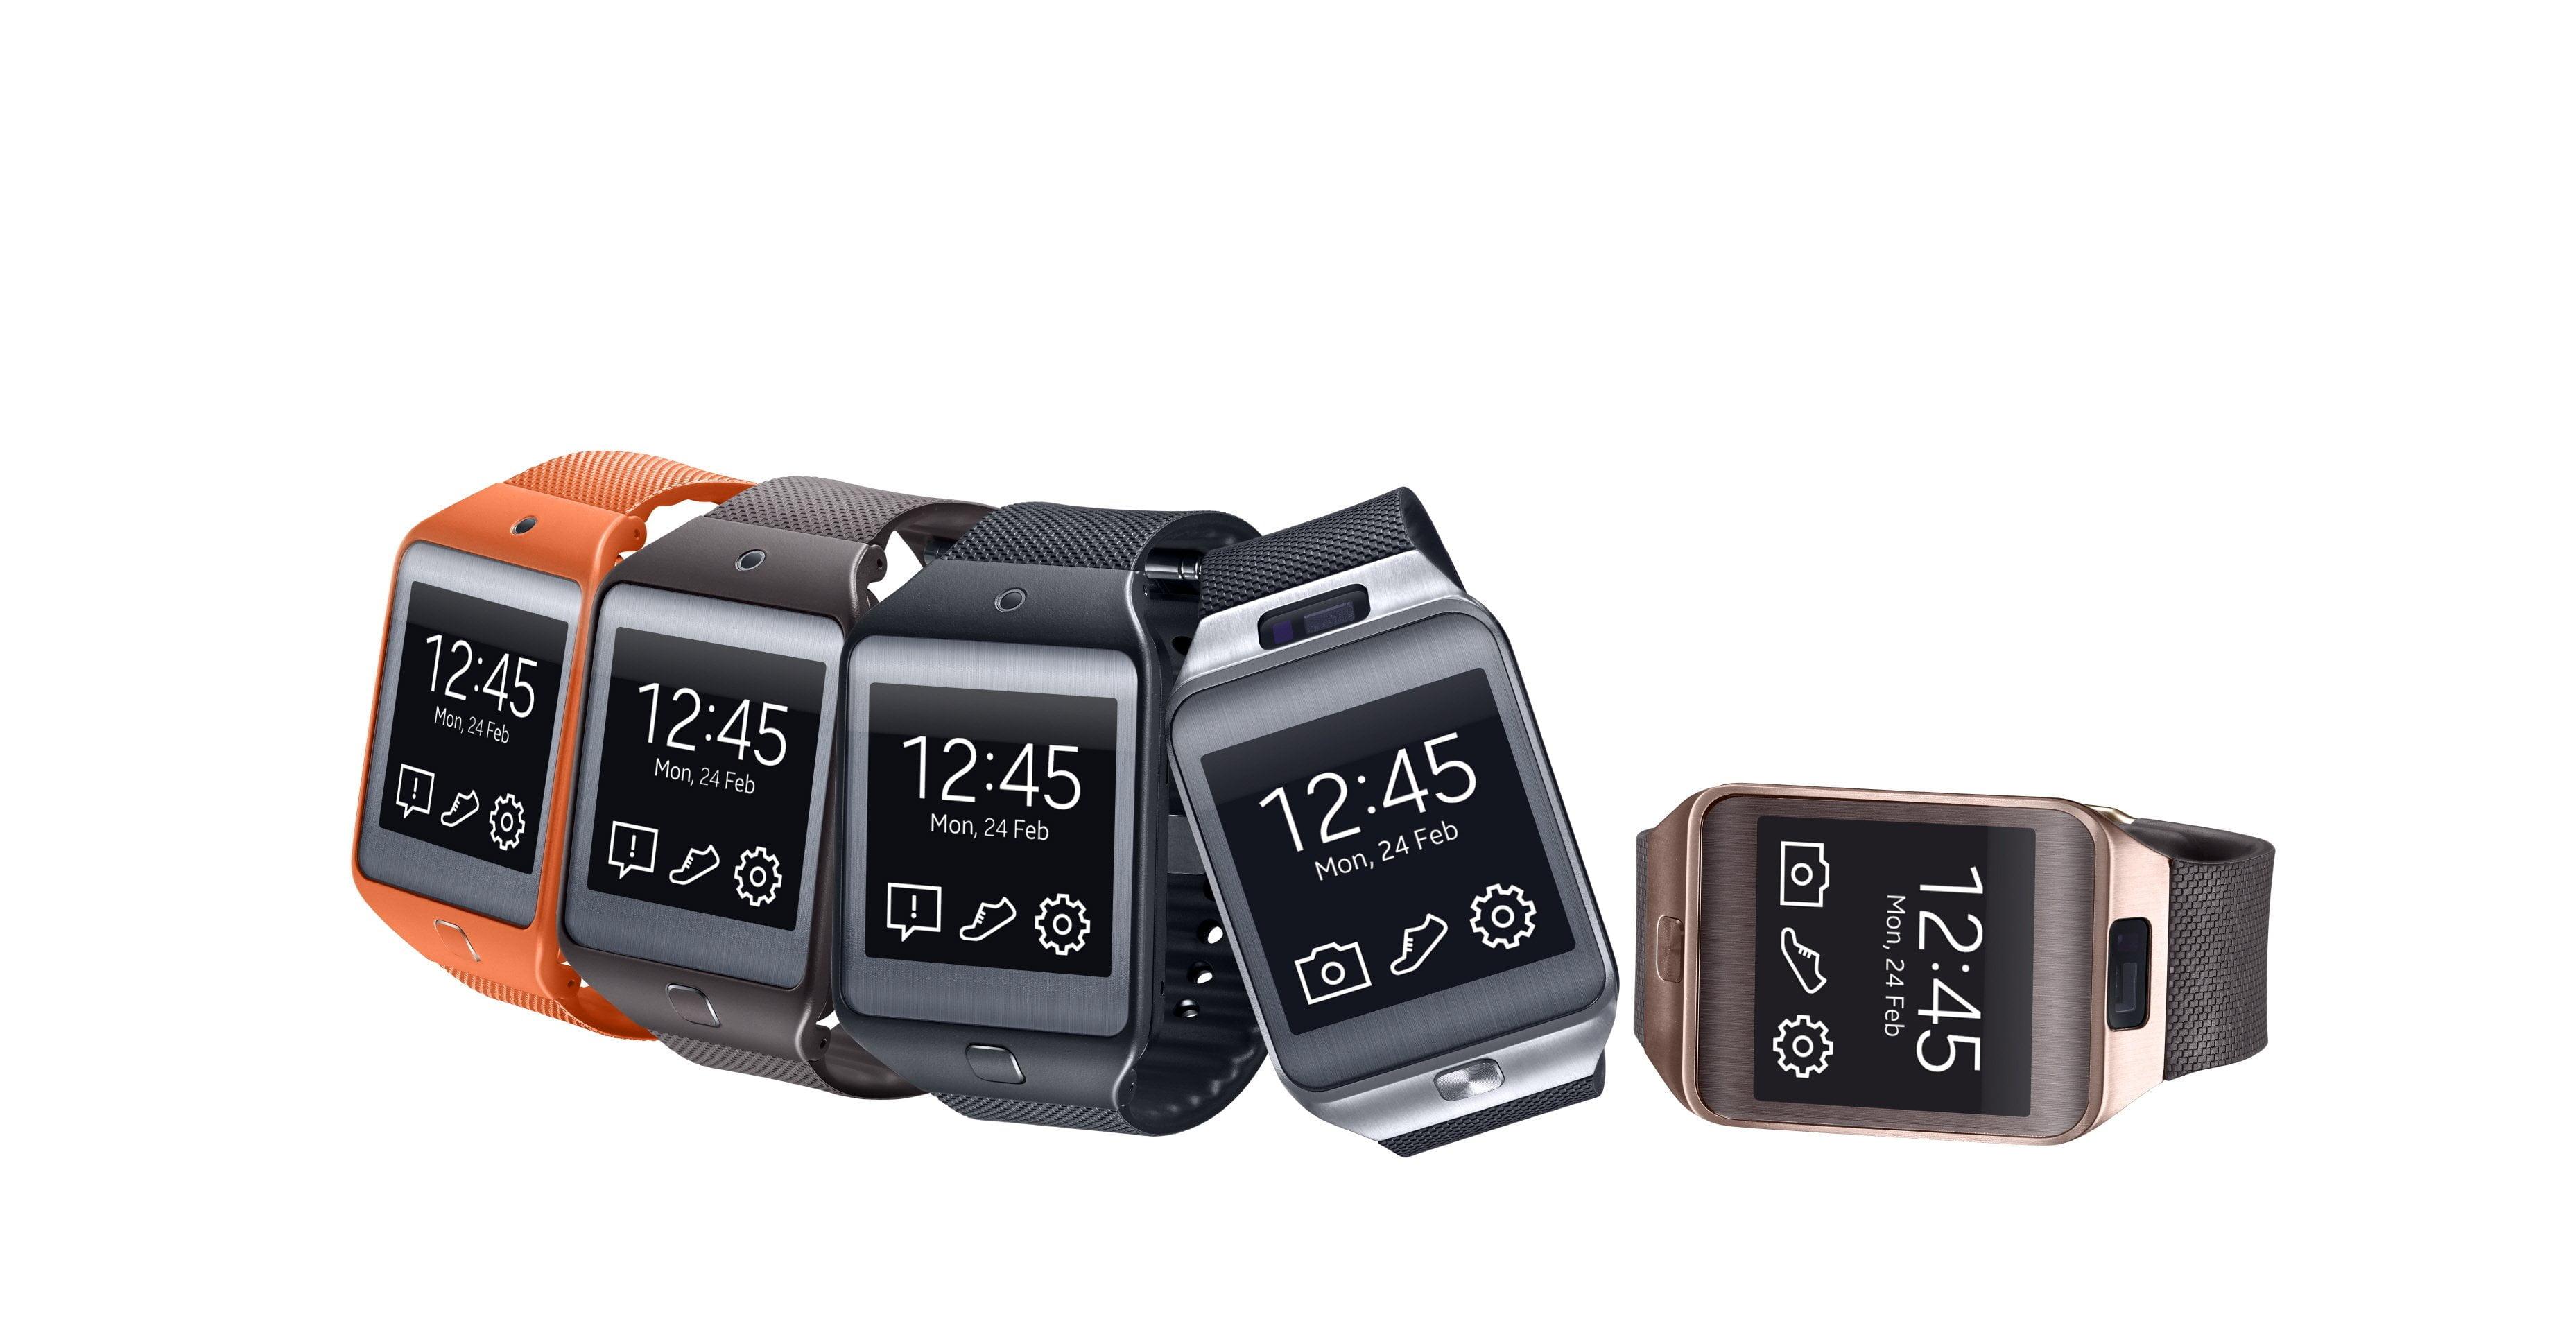 Nieuwe smartwatches van Samsung: Gear 2 en Gear 2 Neo met Tizen OS